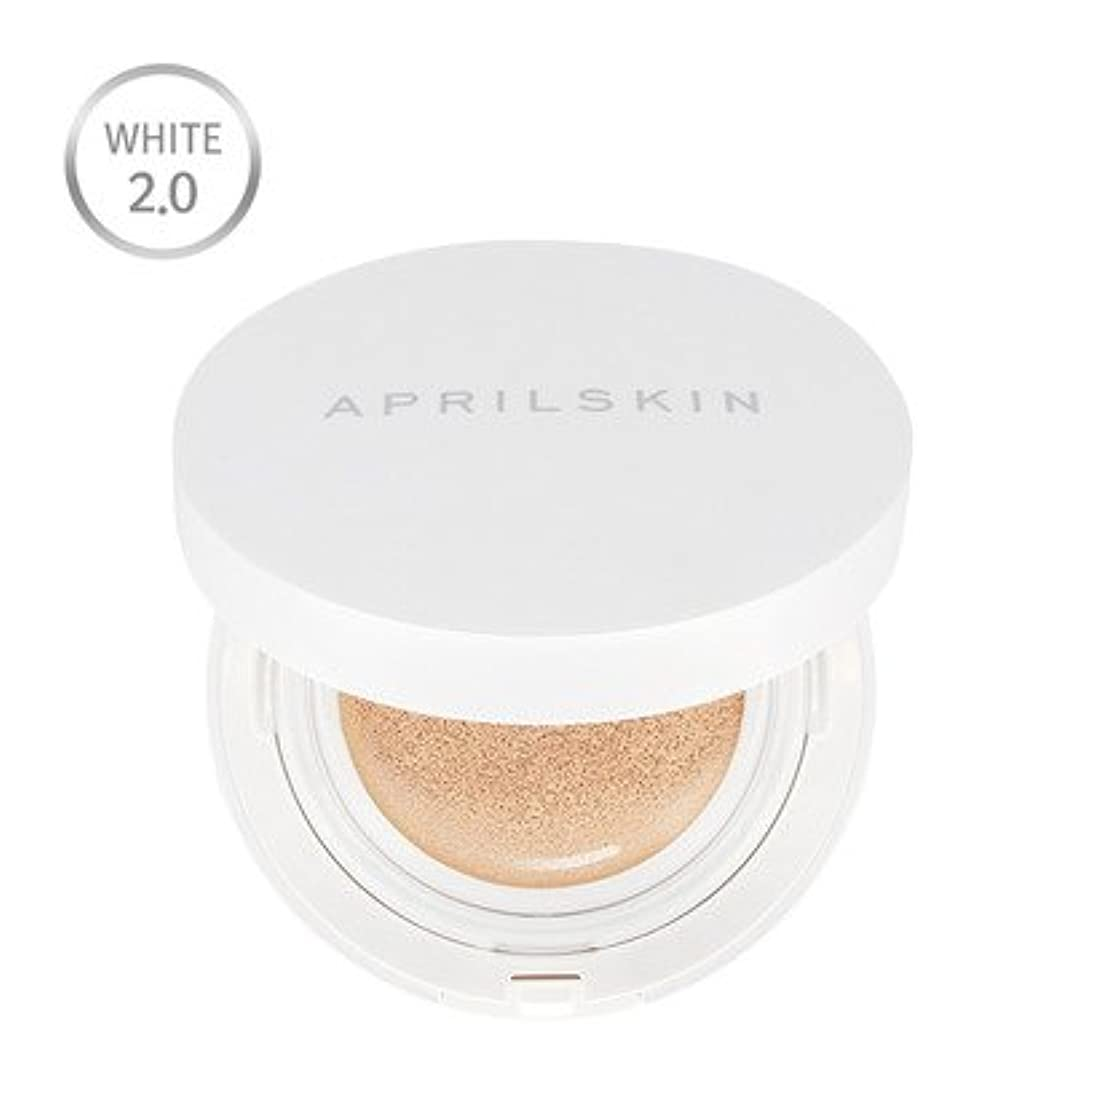 検索インレイ談話[Renewal] APRILSKIN Magic Snow Cushion * White * 2.0 15g/エイプリルスキン マジック スノー クッション * ホワイト * 2.0 15g (#22 Pink Beige...